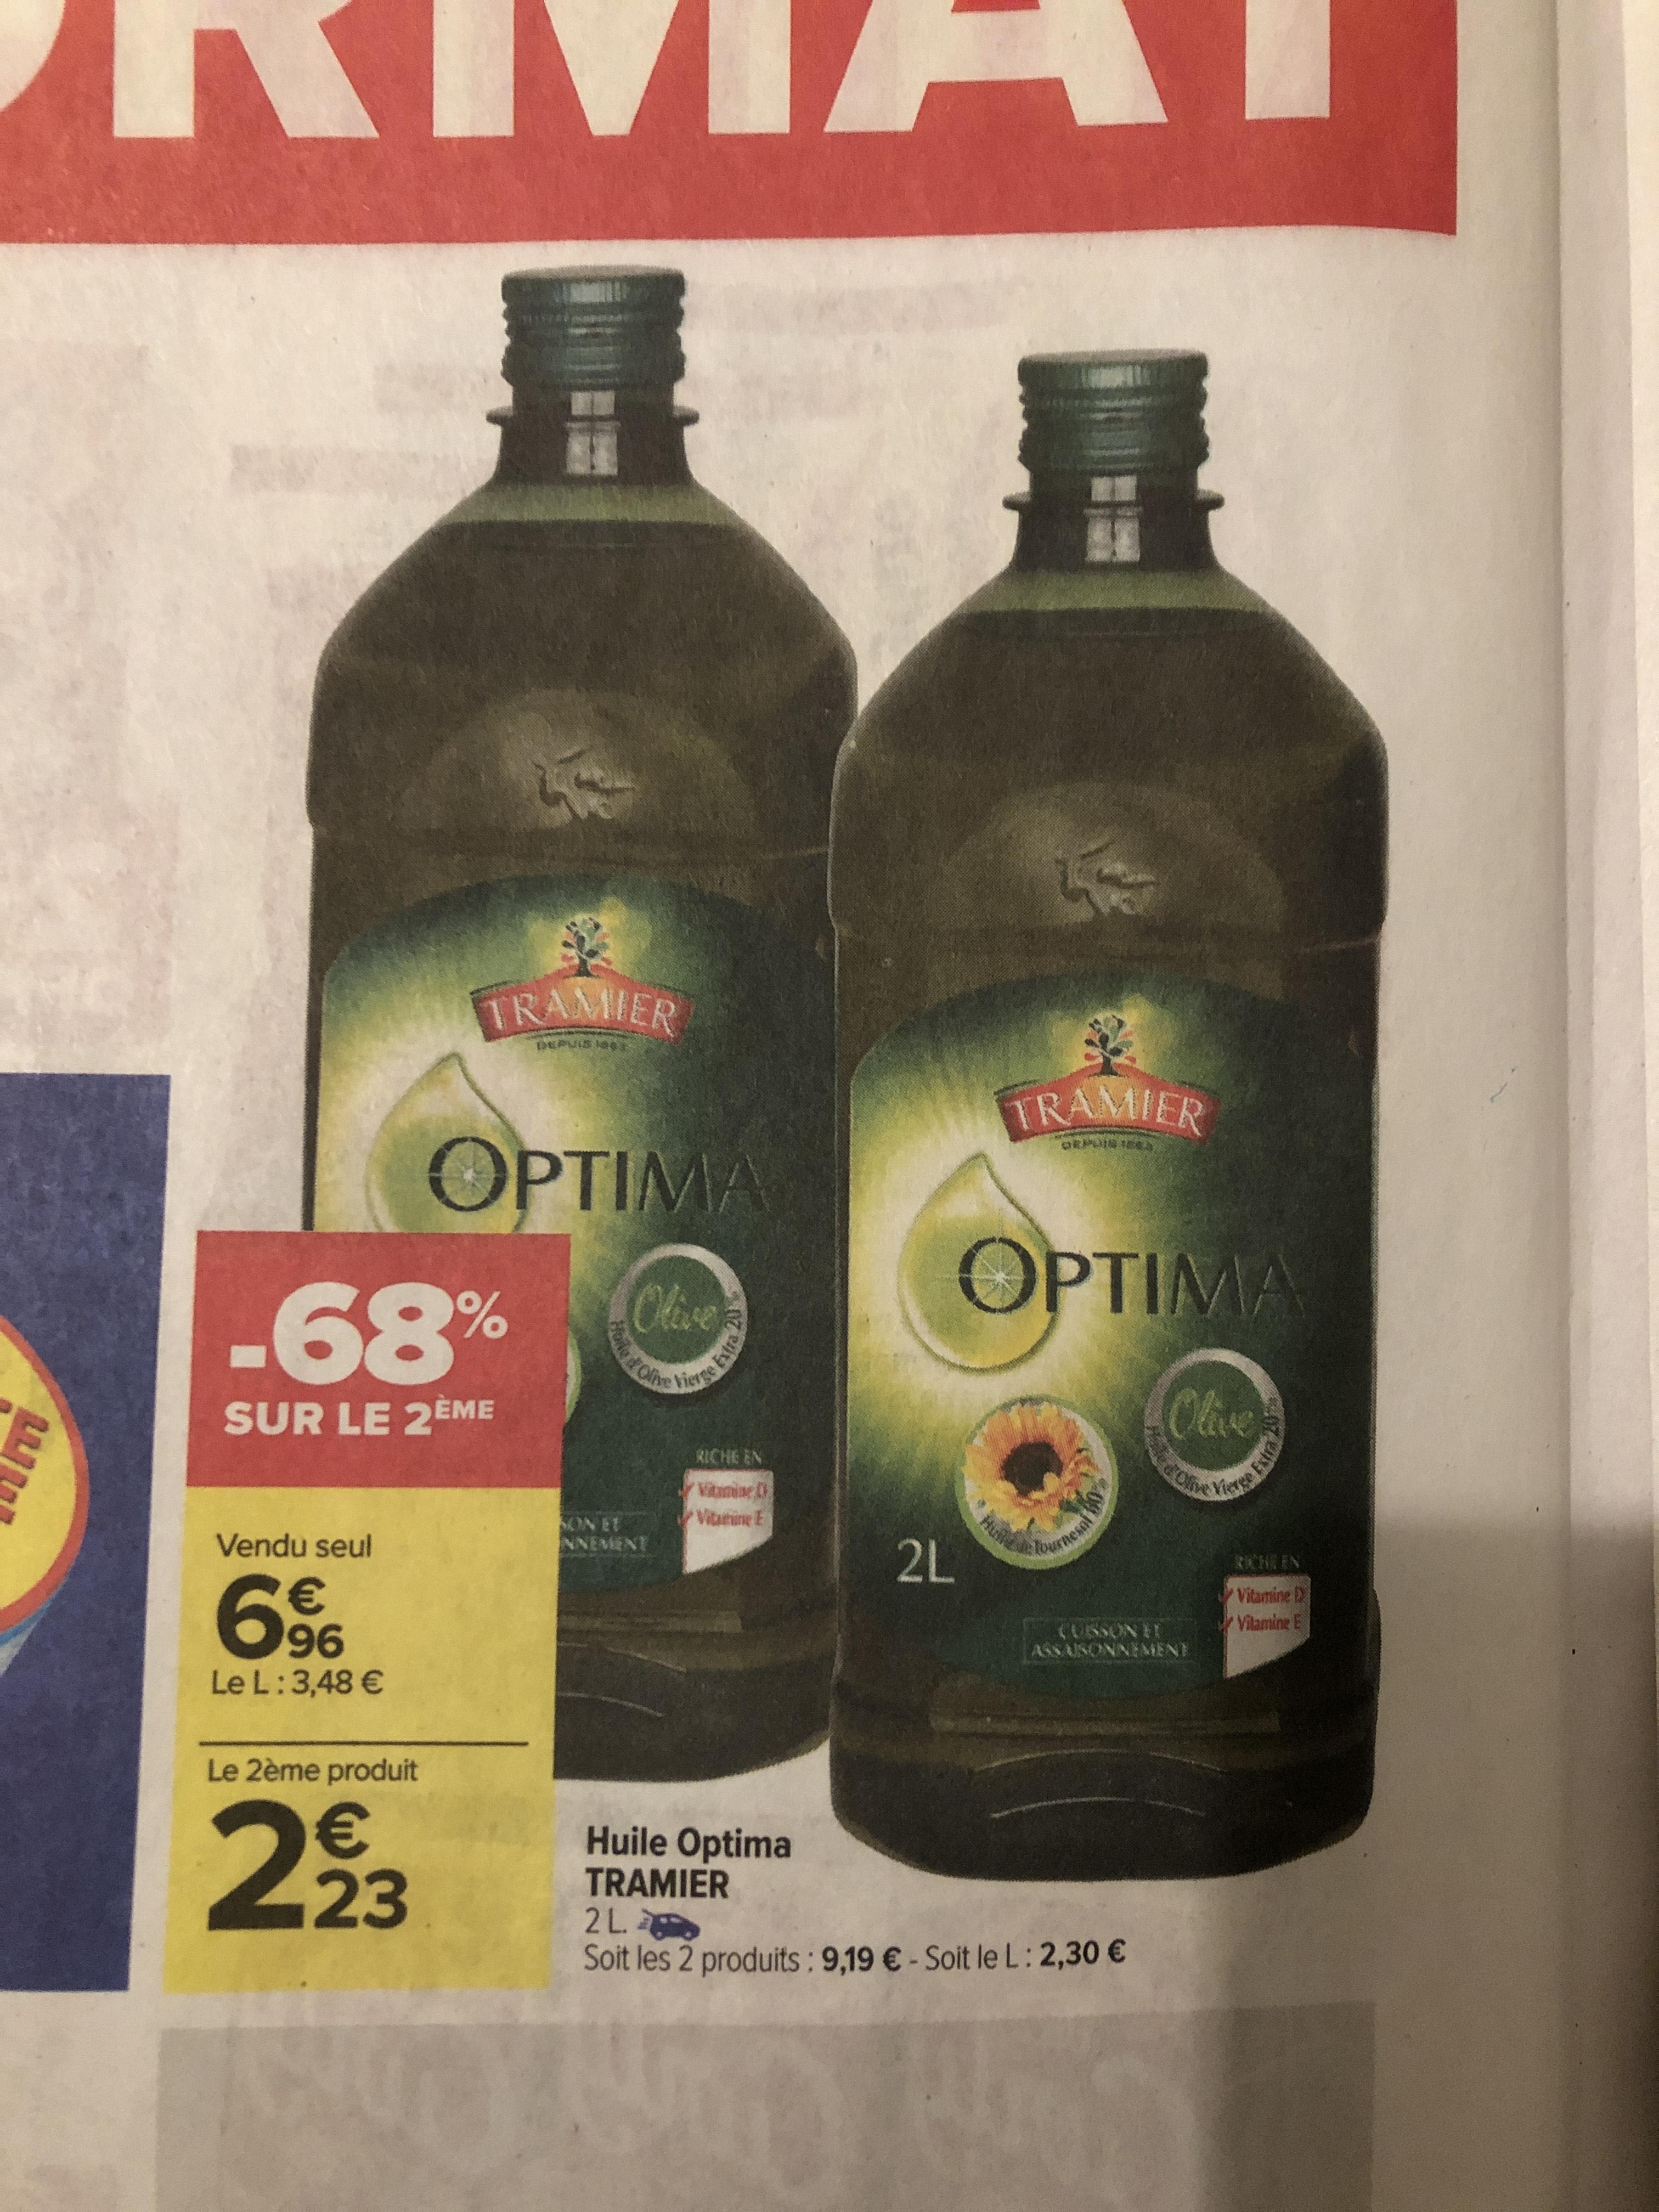 2 Bouteilles d'huile d'olive/tournesol Optima Tramier - 2 x 2L